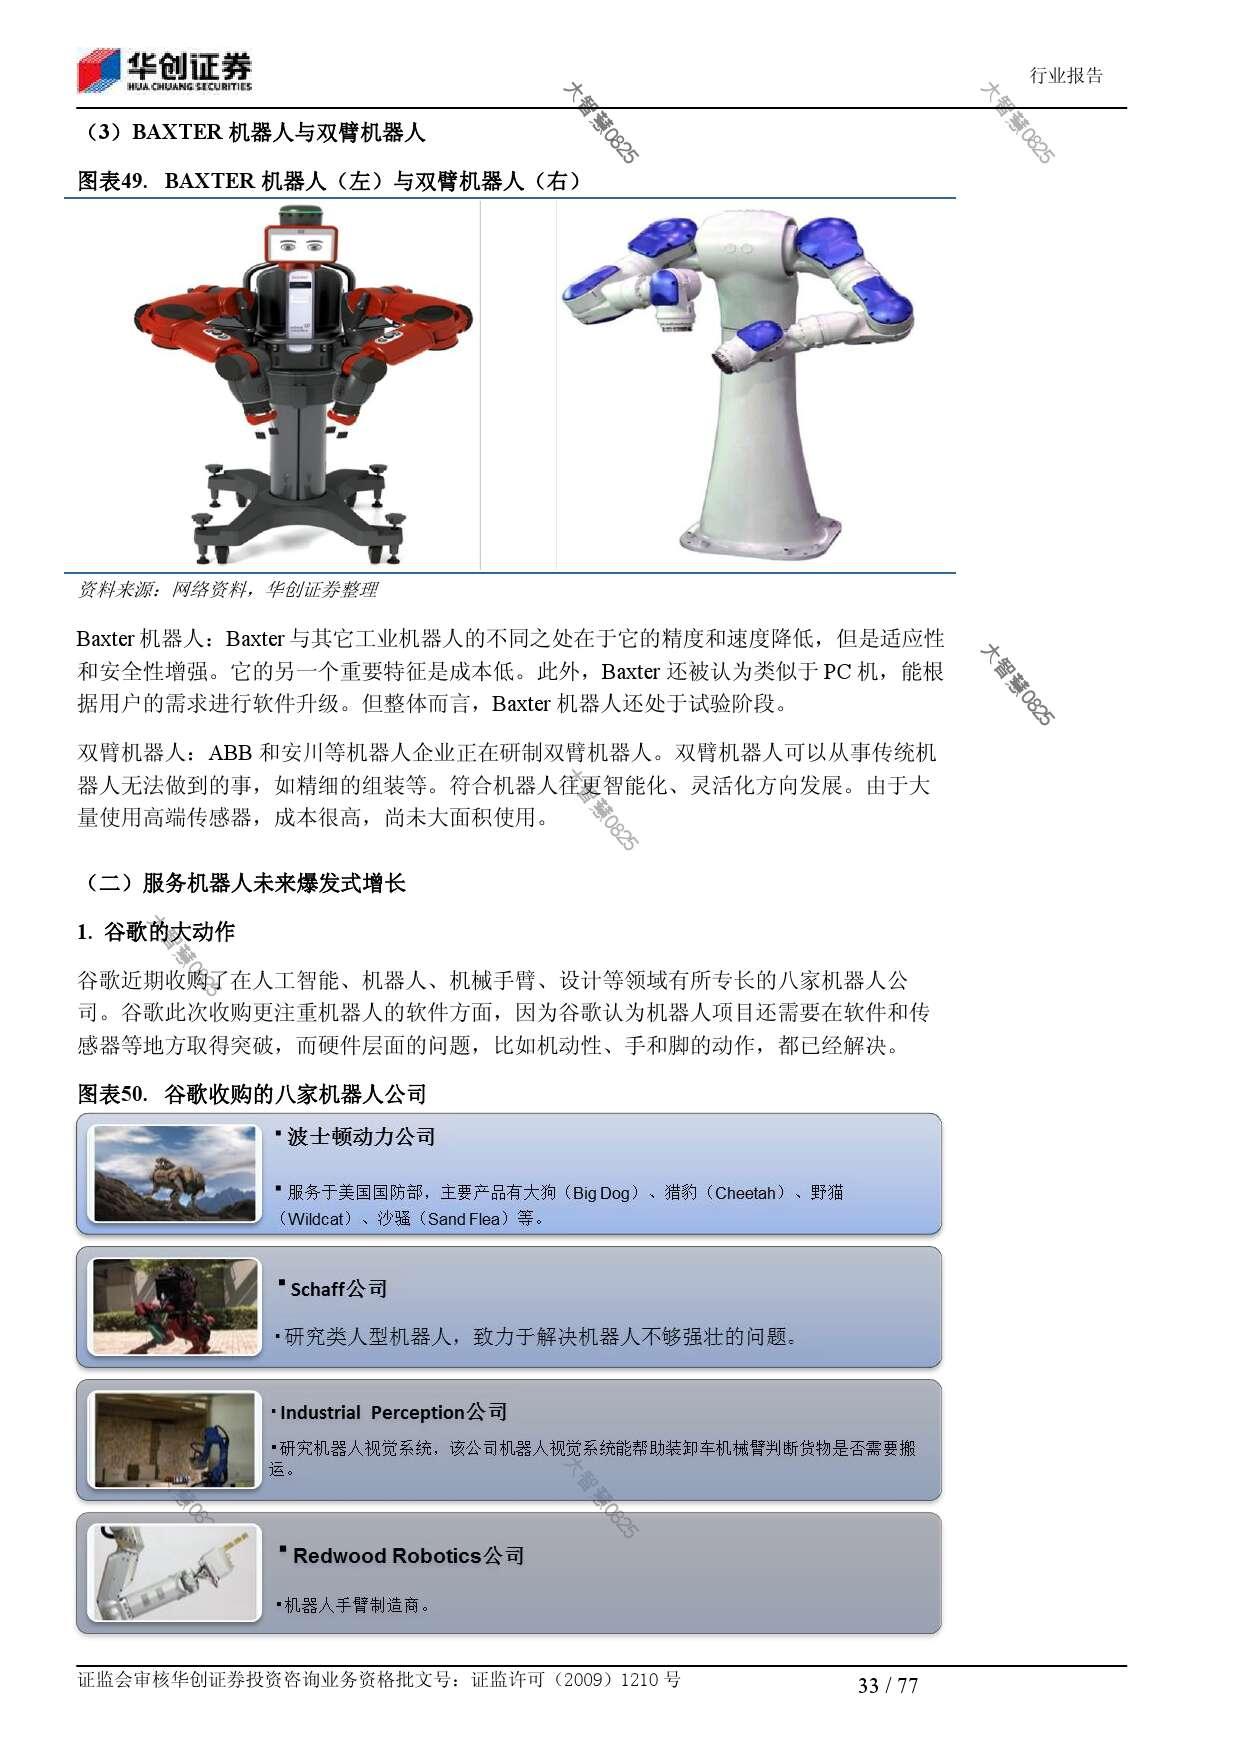 行业研究_华创证券_刘国清,鲁佩_机械设备:机器人大趋势_2014021_000033